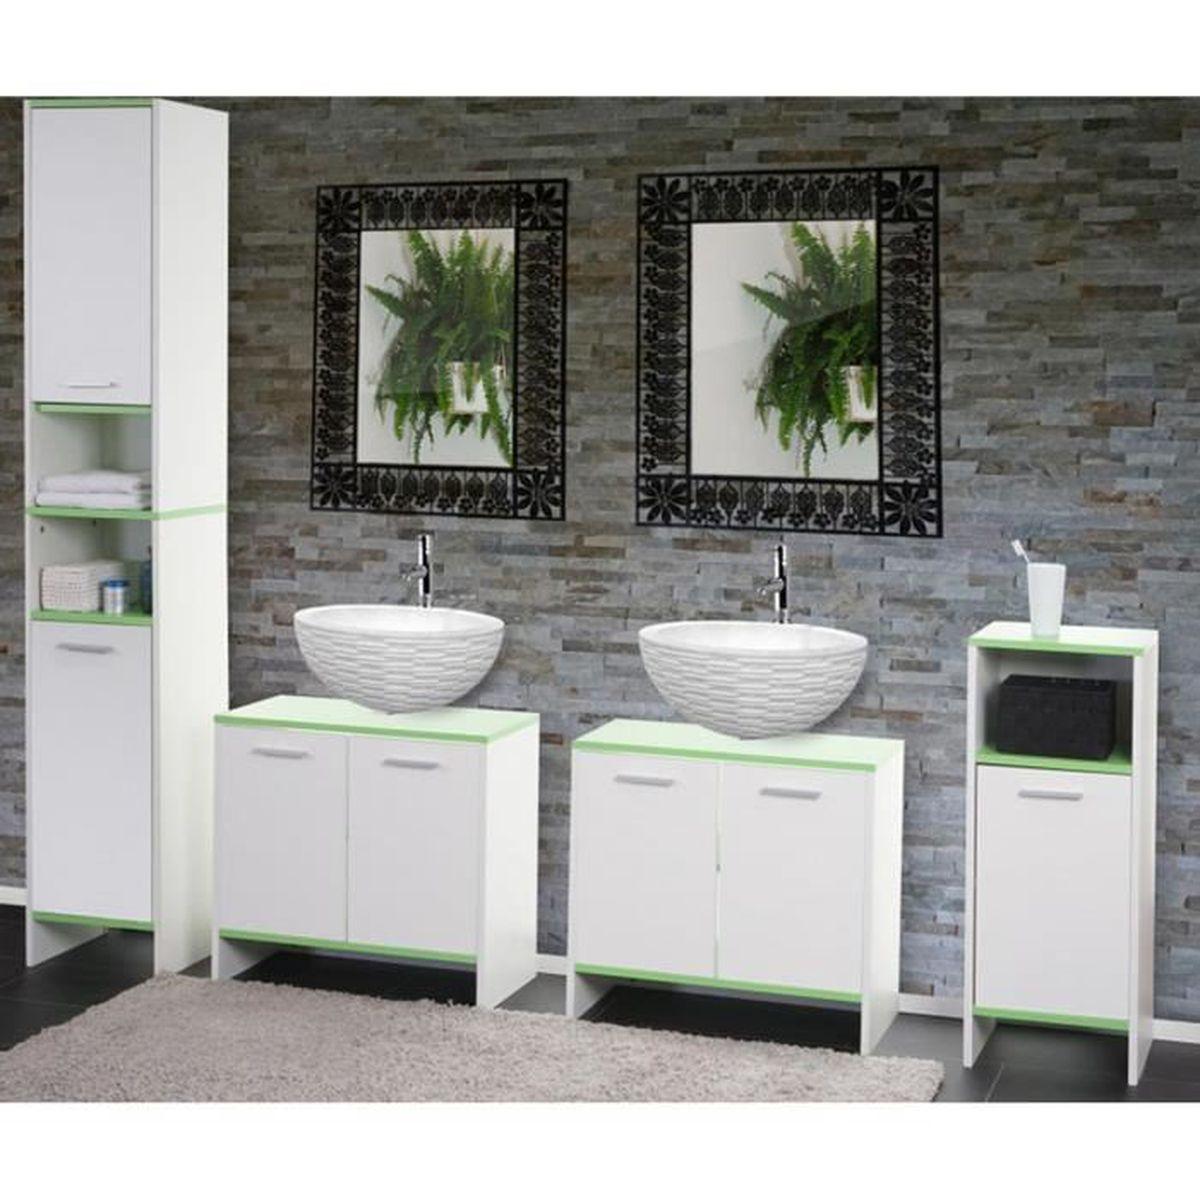 ensemble de salle de bain en bois coloris vert et blanc achat vente salle de bain complete. Black Bedroom Furniture Sets. Home Design Ideas